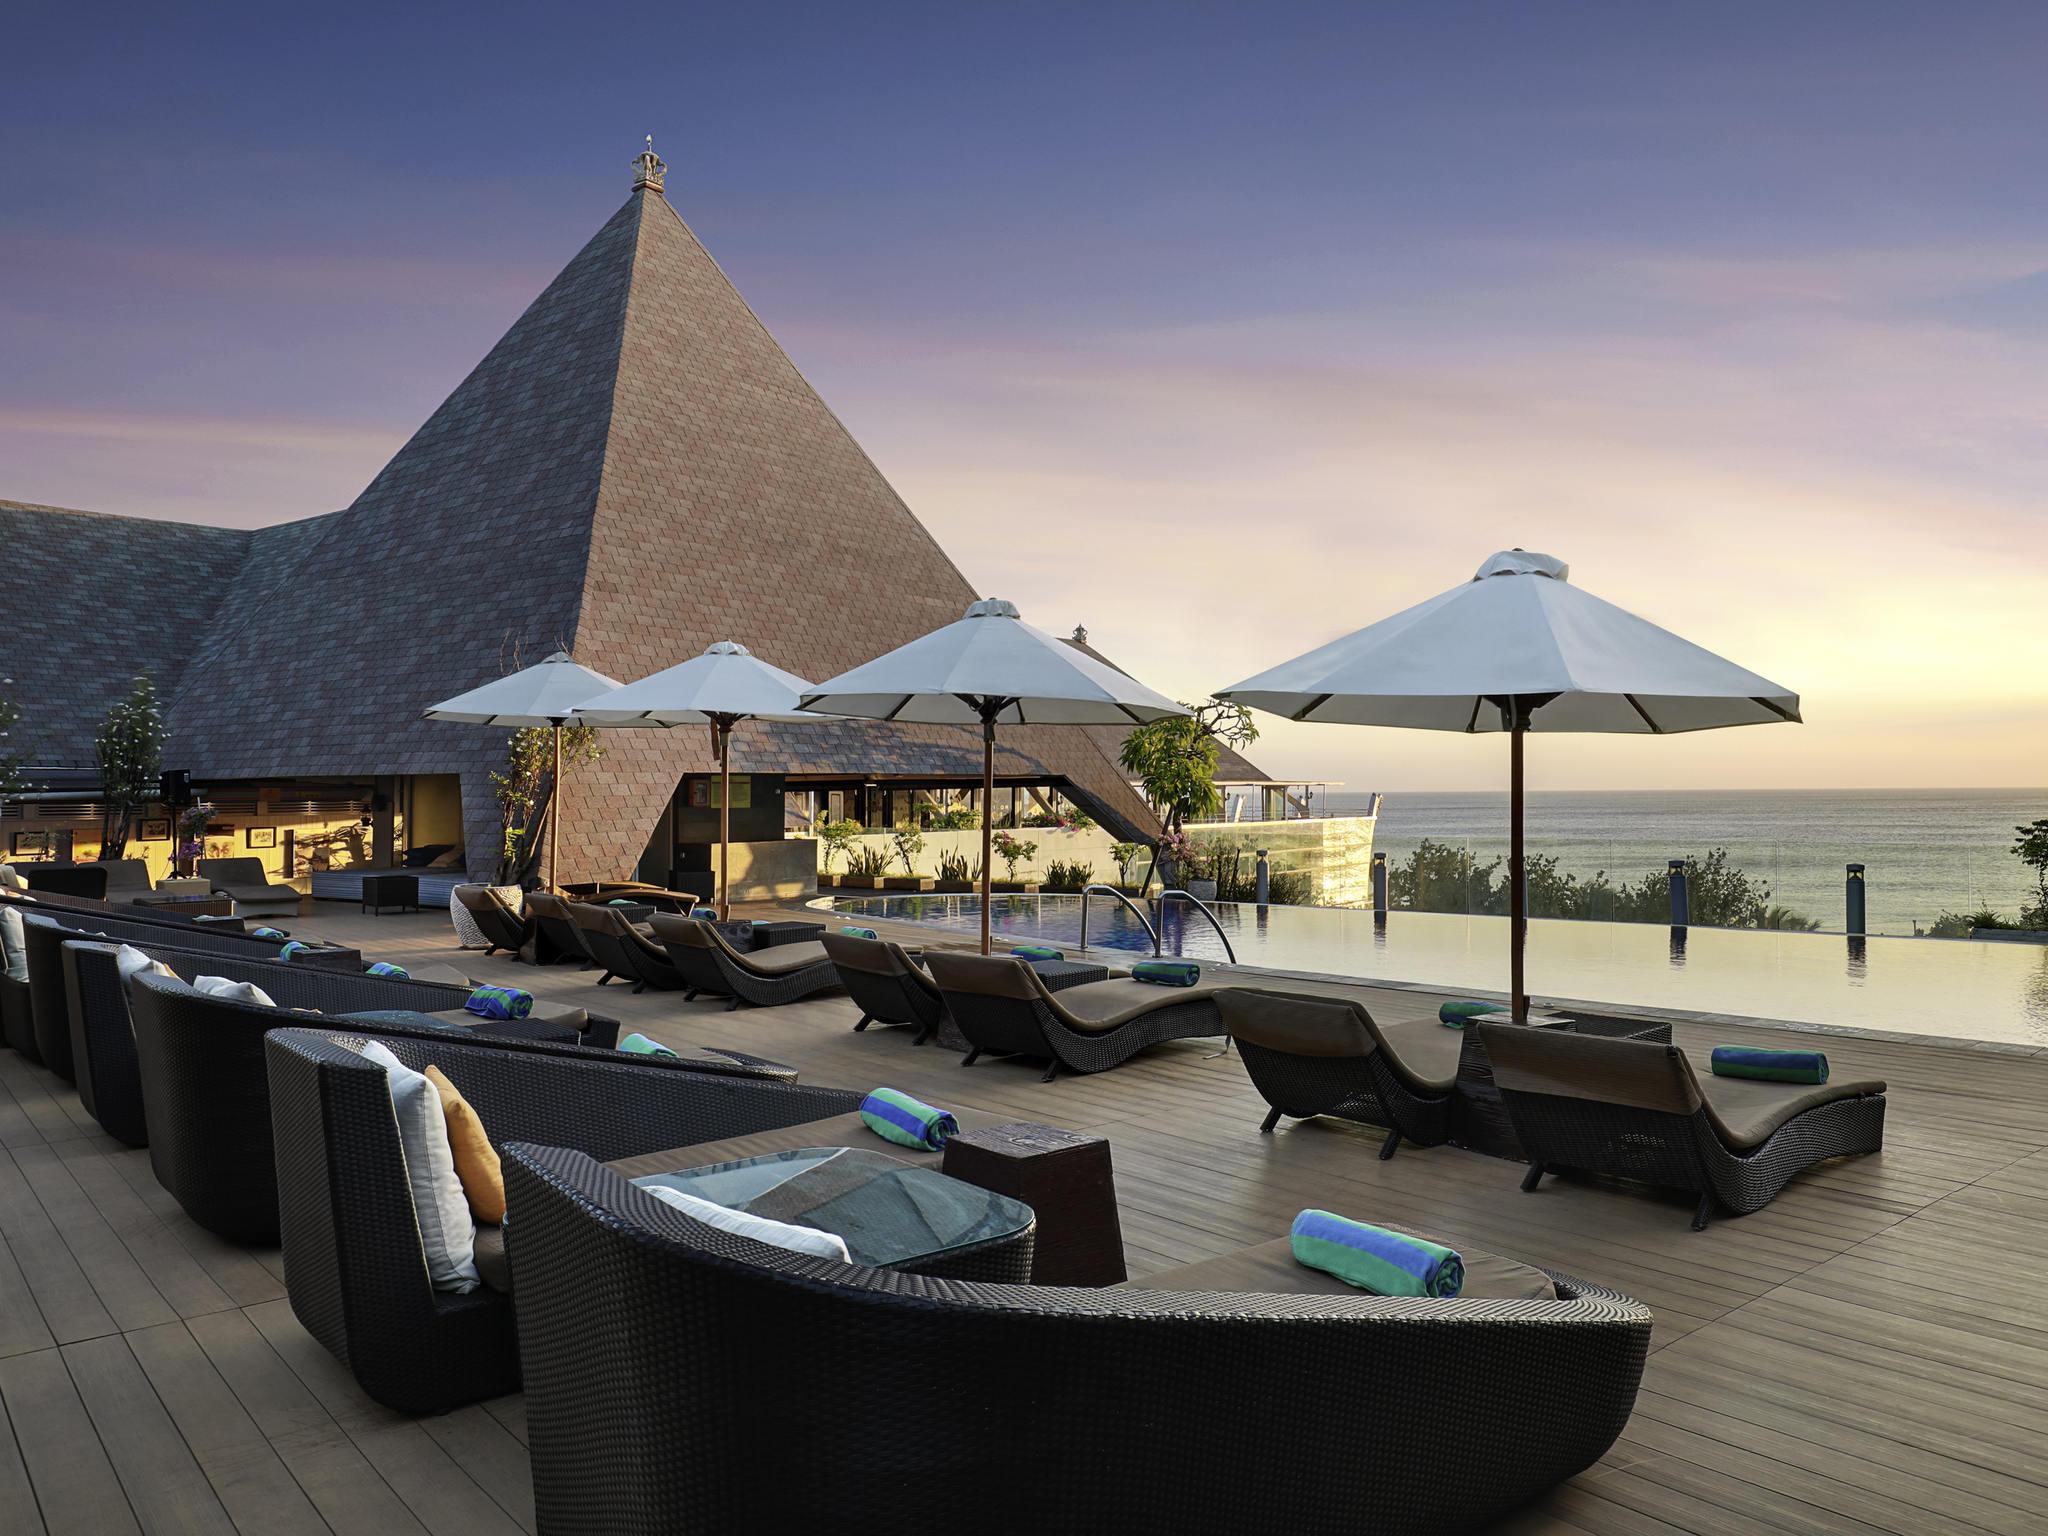 Hotel – The Kuta Beach Heritage Hotel Bali - beheerd door AccorHotels